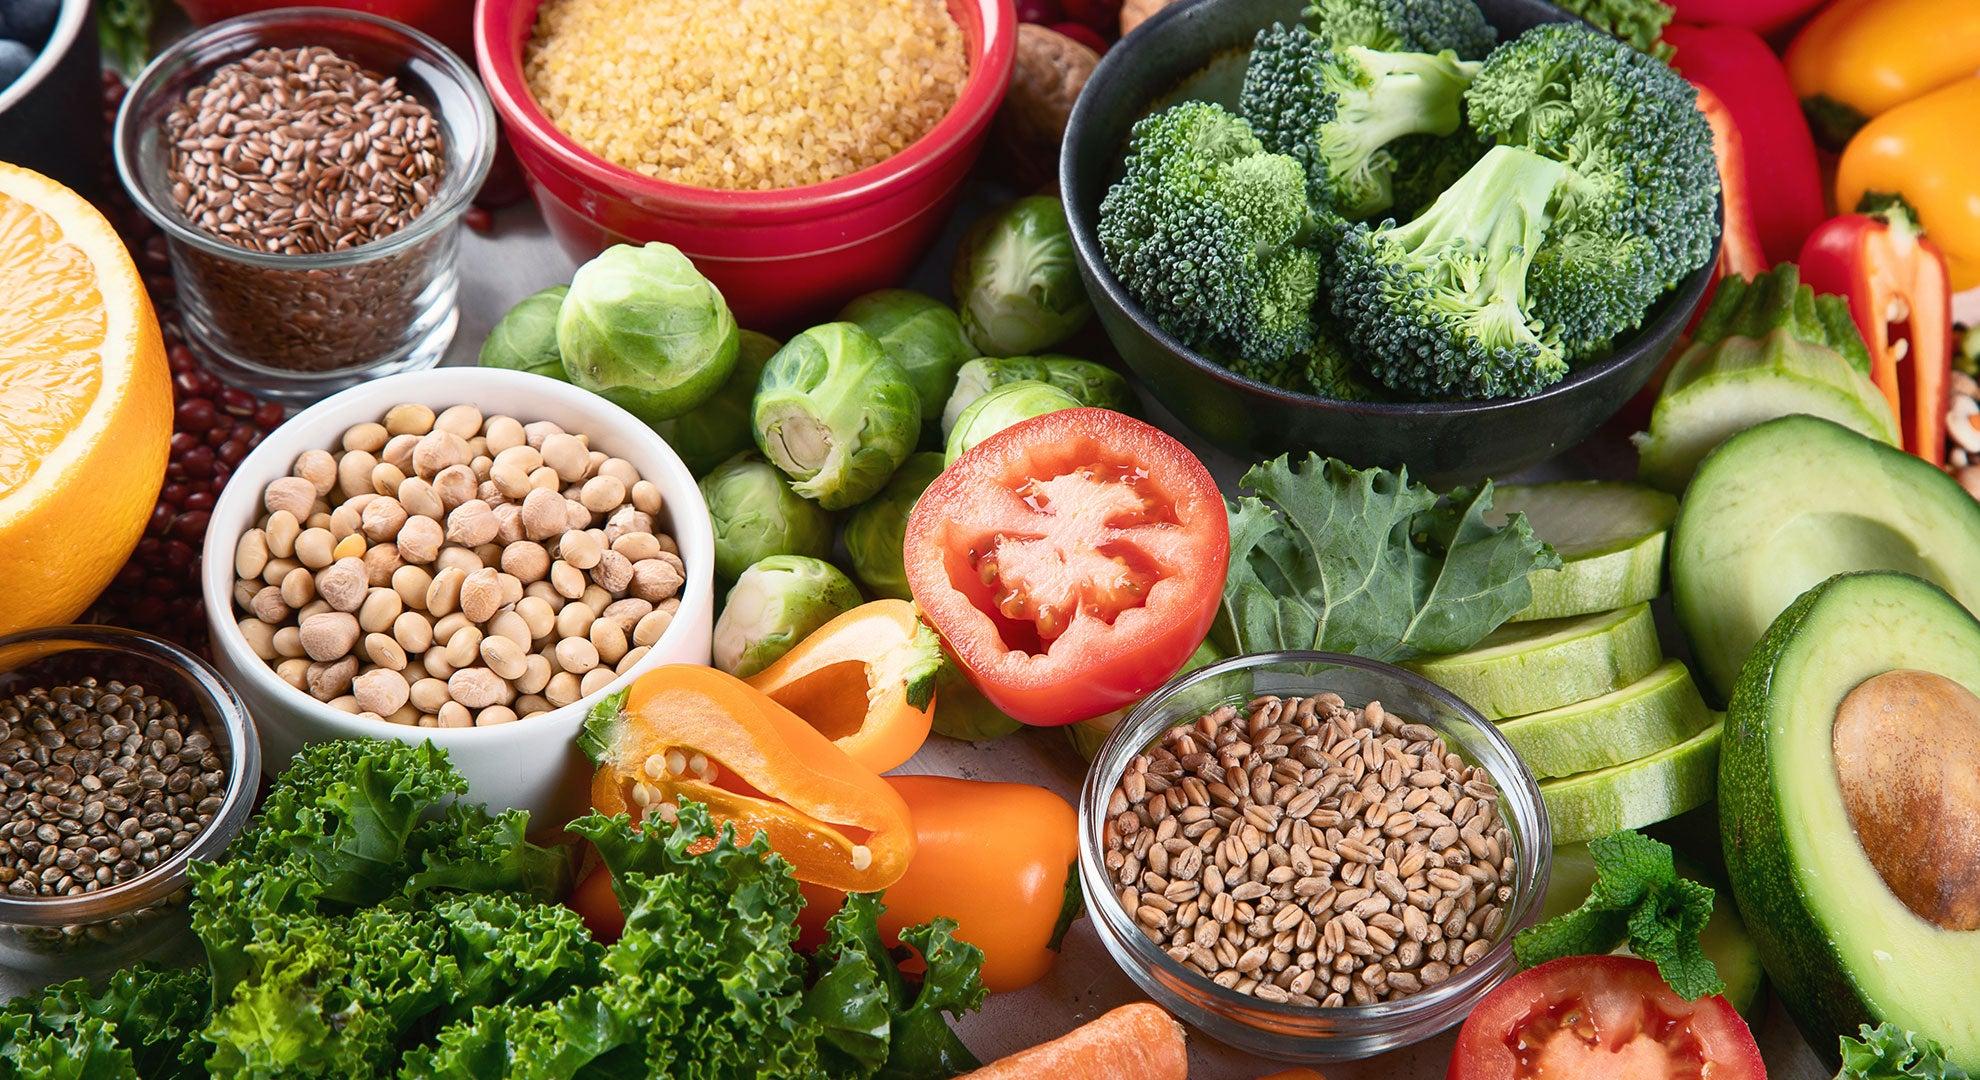 Alimentación saludable - OPS/OMS | Organización Panamericana de la Salud